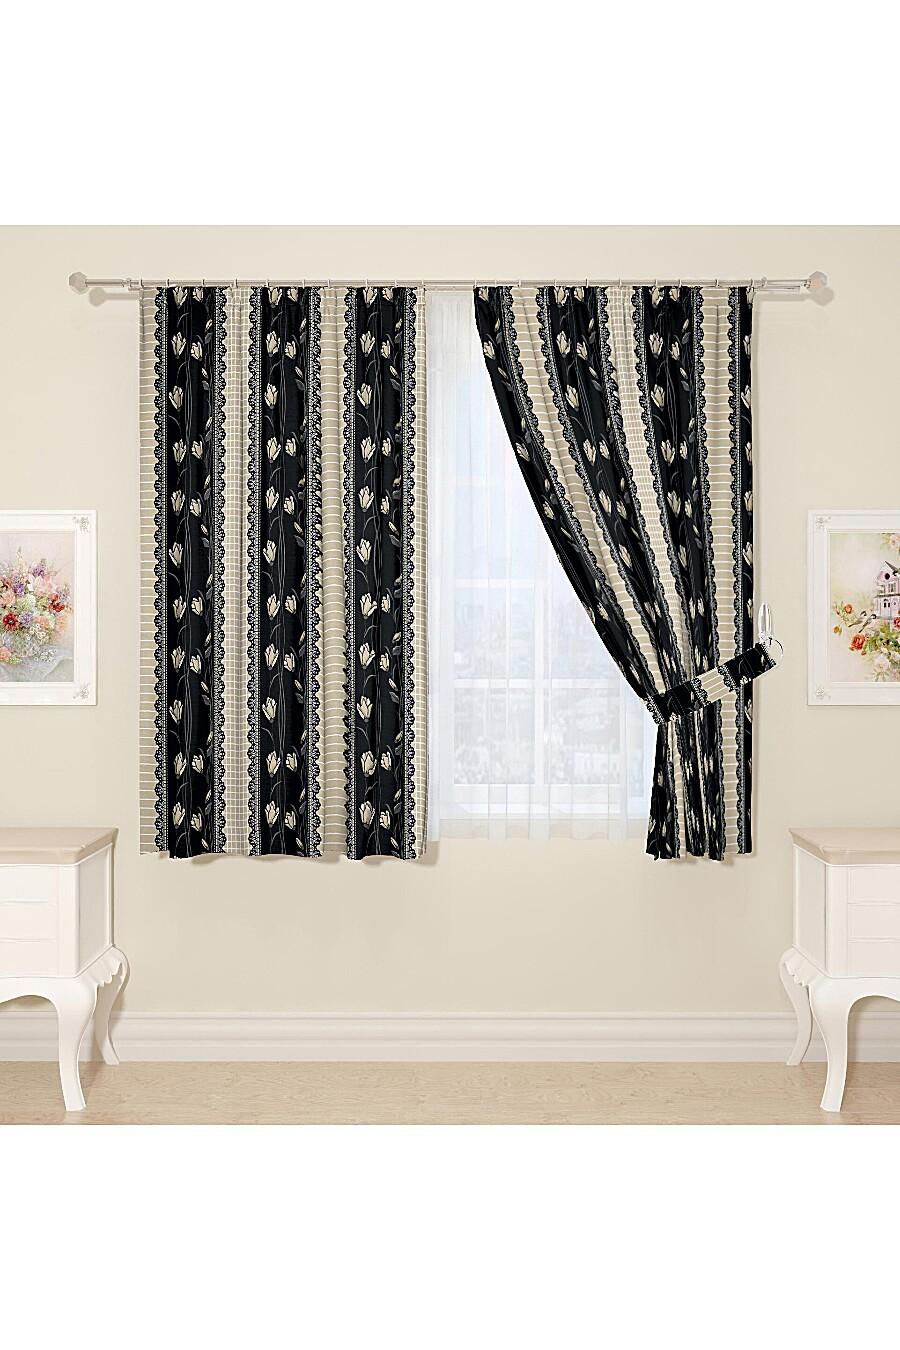 Фотоштора для дома ART HOME TEXTILE 260840 купить оптом от производителя. Совместная покупка товаров для дома в OptMoyo